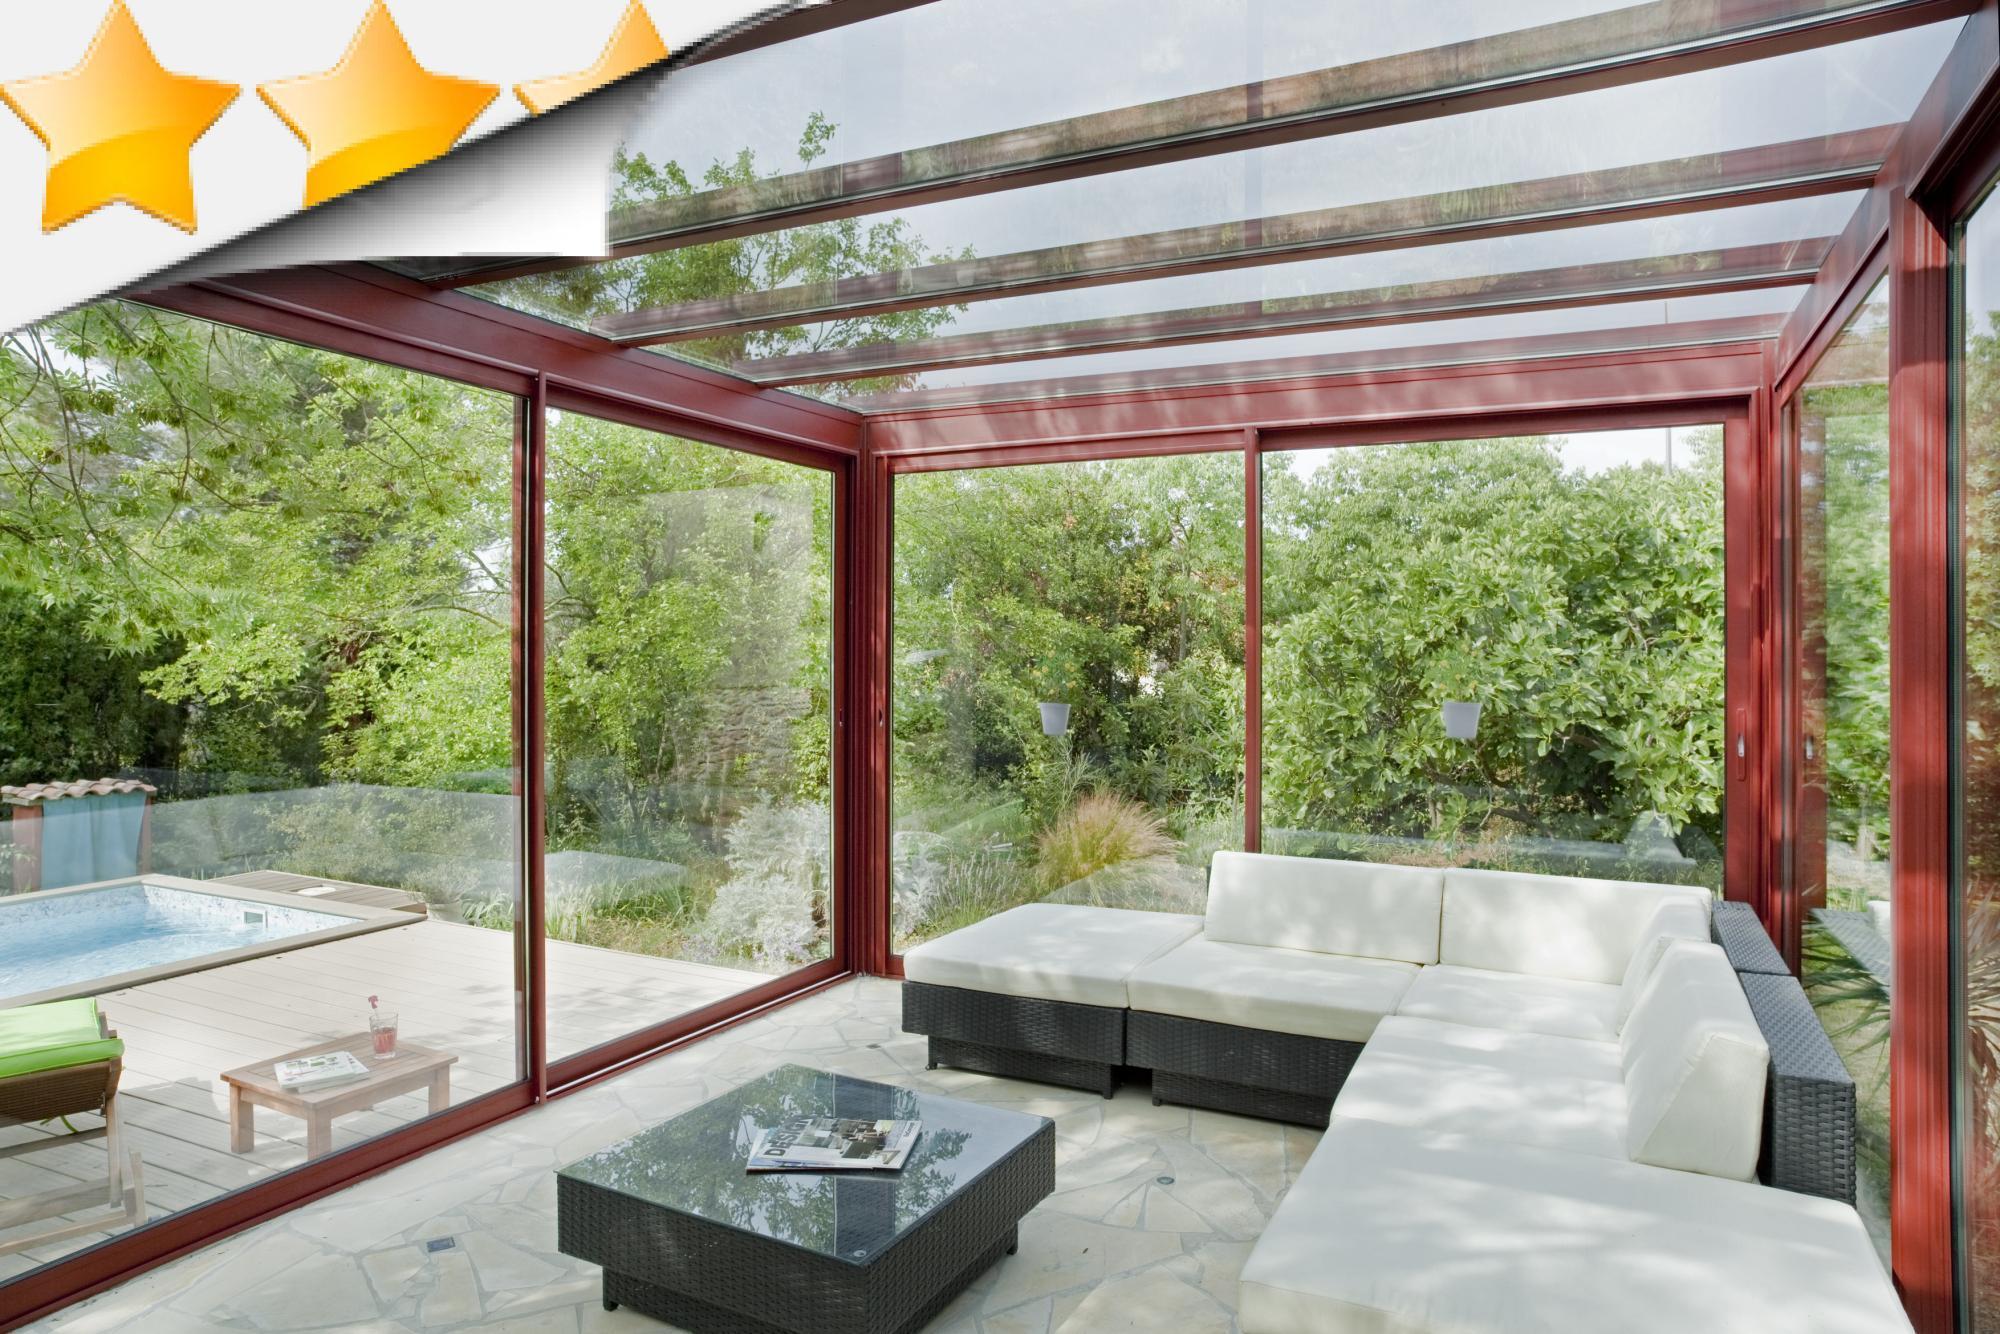 ombragez prot gez votre terrasse par apc. Black Bedroom Furniture Sets. Home Design Ideas